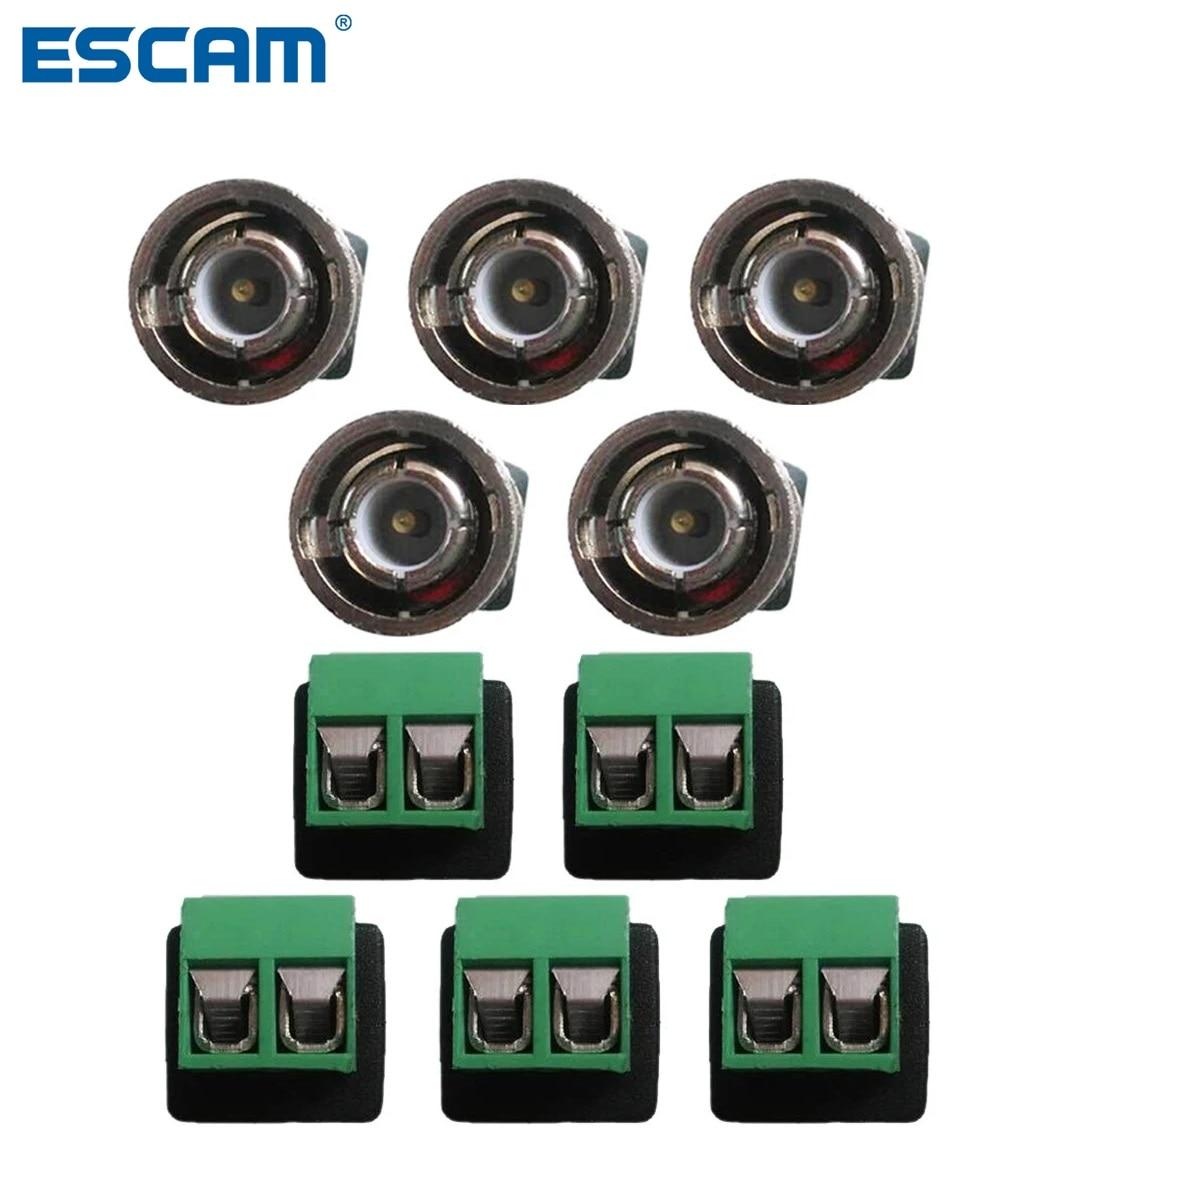 ESCAM 10pcs/lot Mini Coax CAT5 To Camera CCTV BNC Video Balun Connector Adapter POE cctv tester IP camera FC